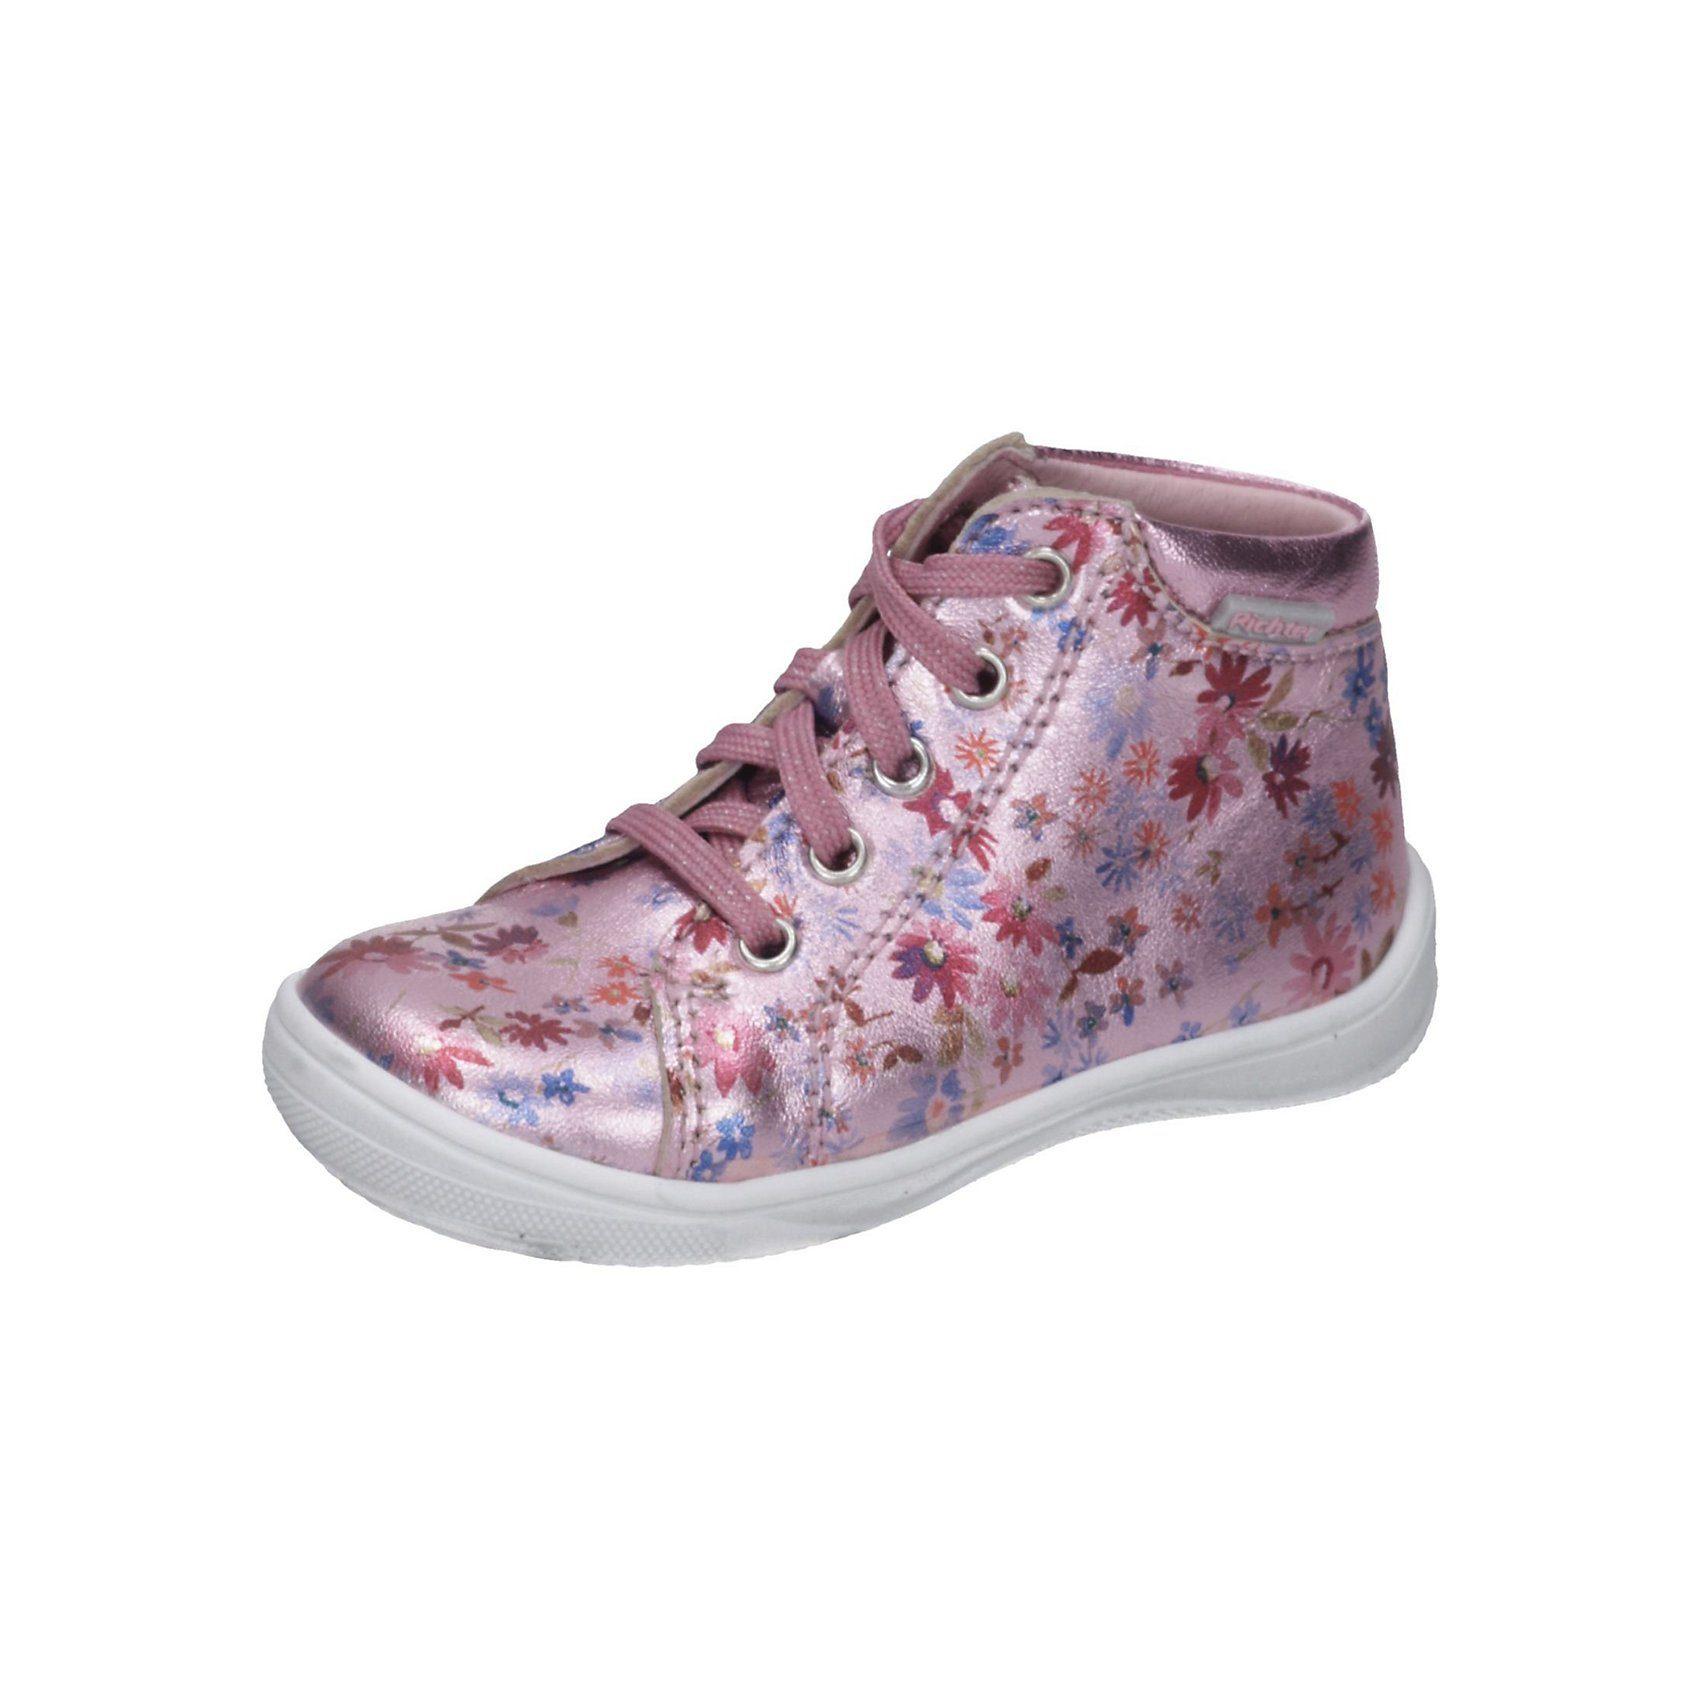 Richter Mädchen Stiefel online kaufen | OTTO